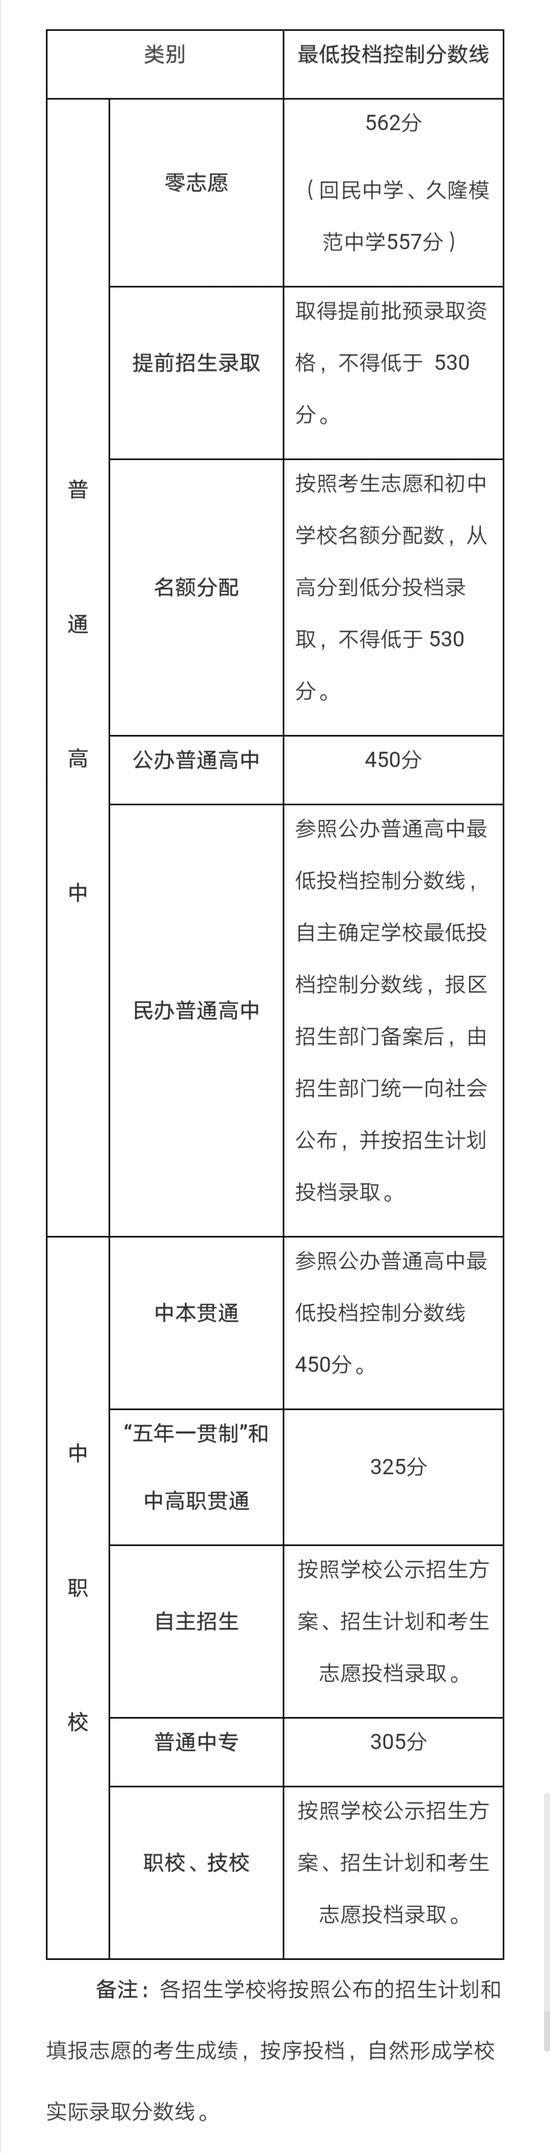 上海中考最低投档分数线公布 报名人数与招生数均略增